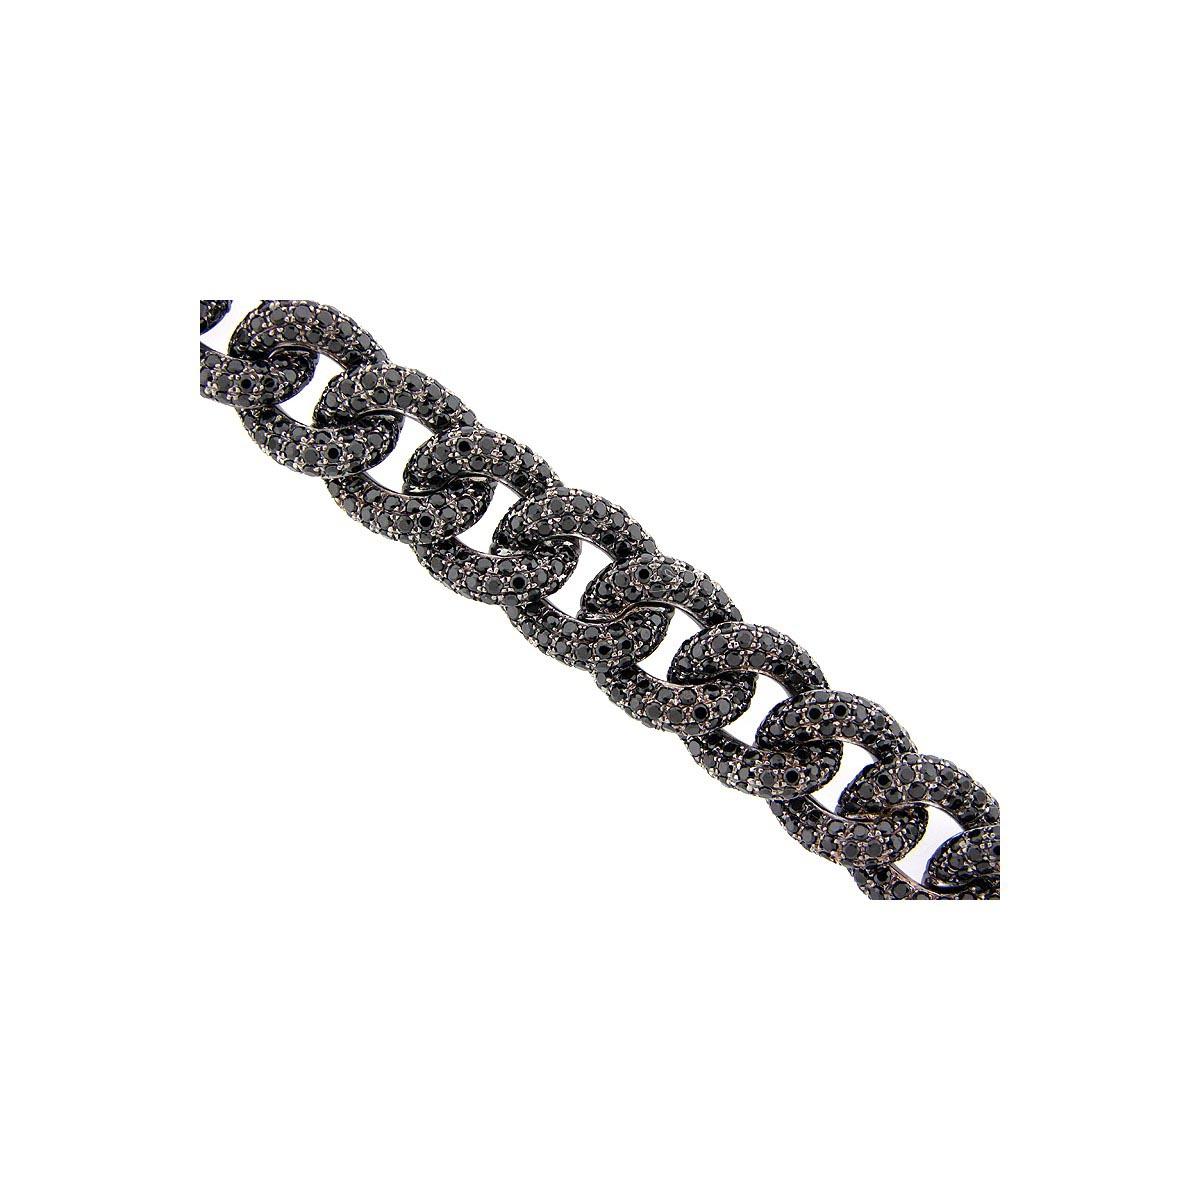 Black Spinel Pave Sterling Silver Bracelet